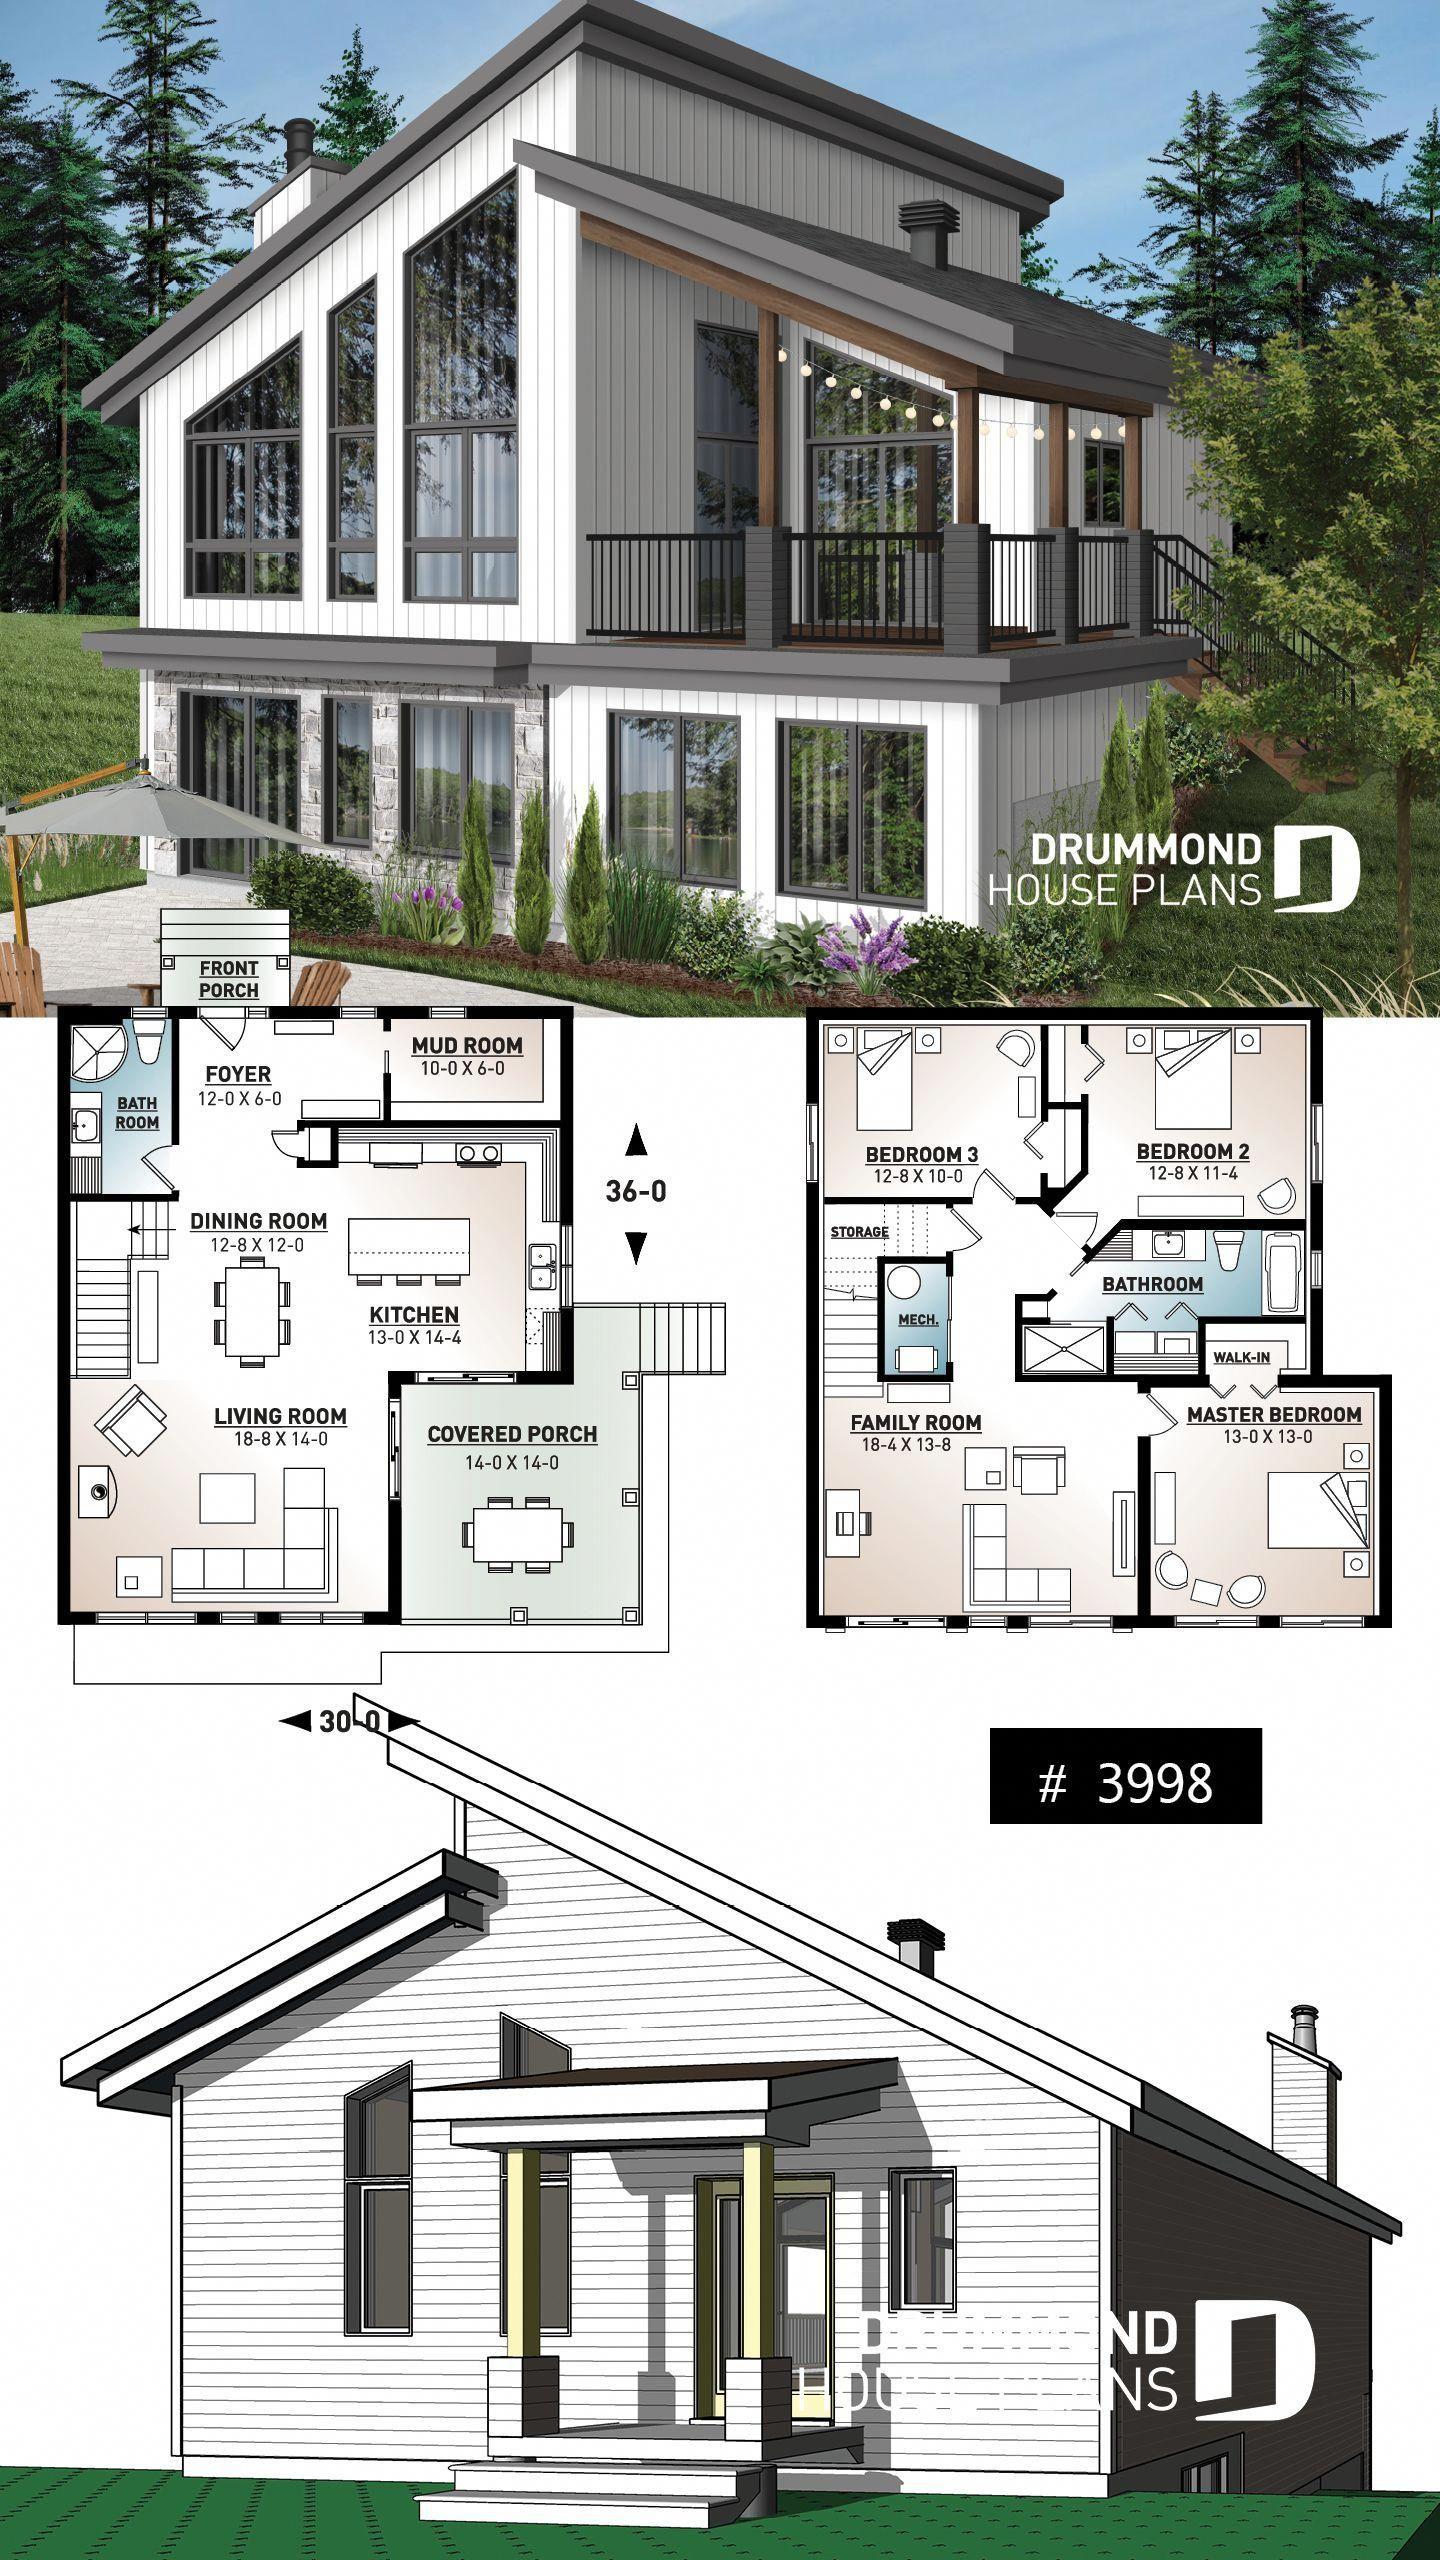 Modern Mini Bar Design For Home Modernhomedesign Sims House Plans Cottage Plan House Plans